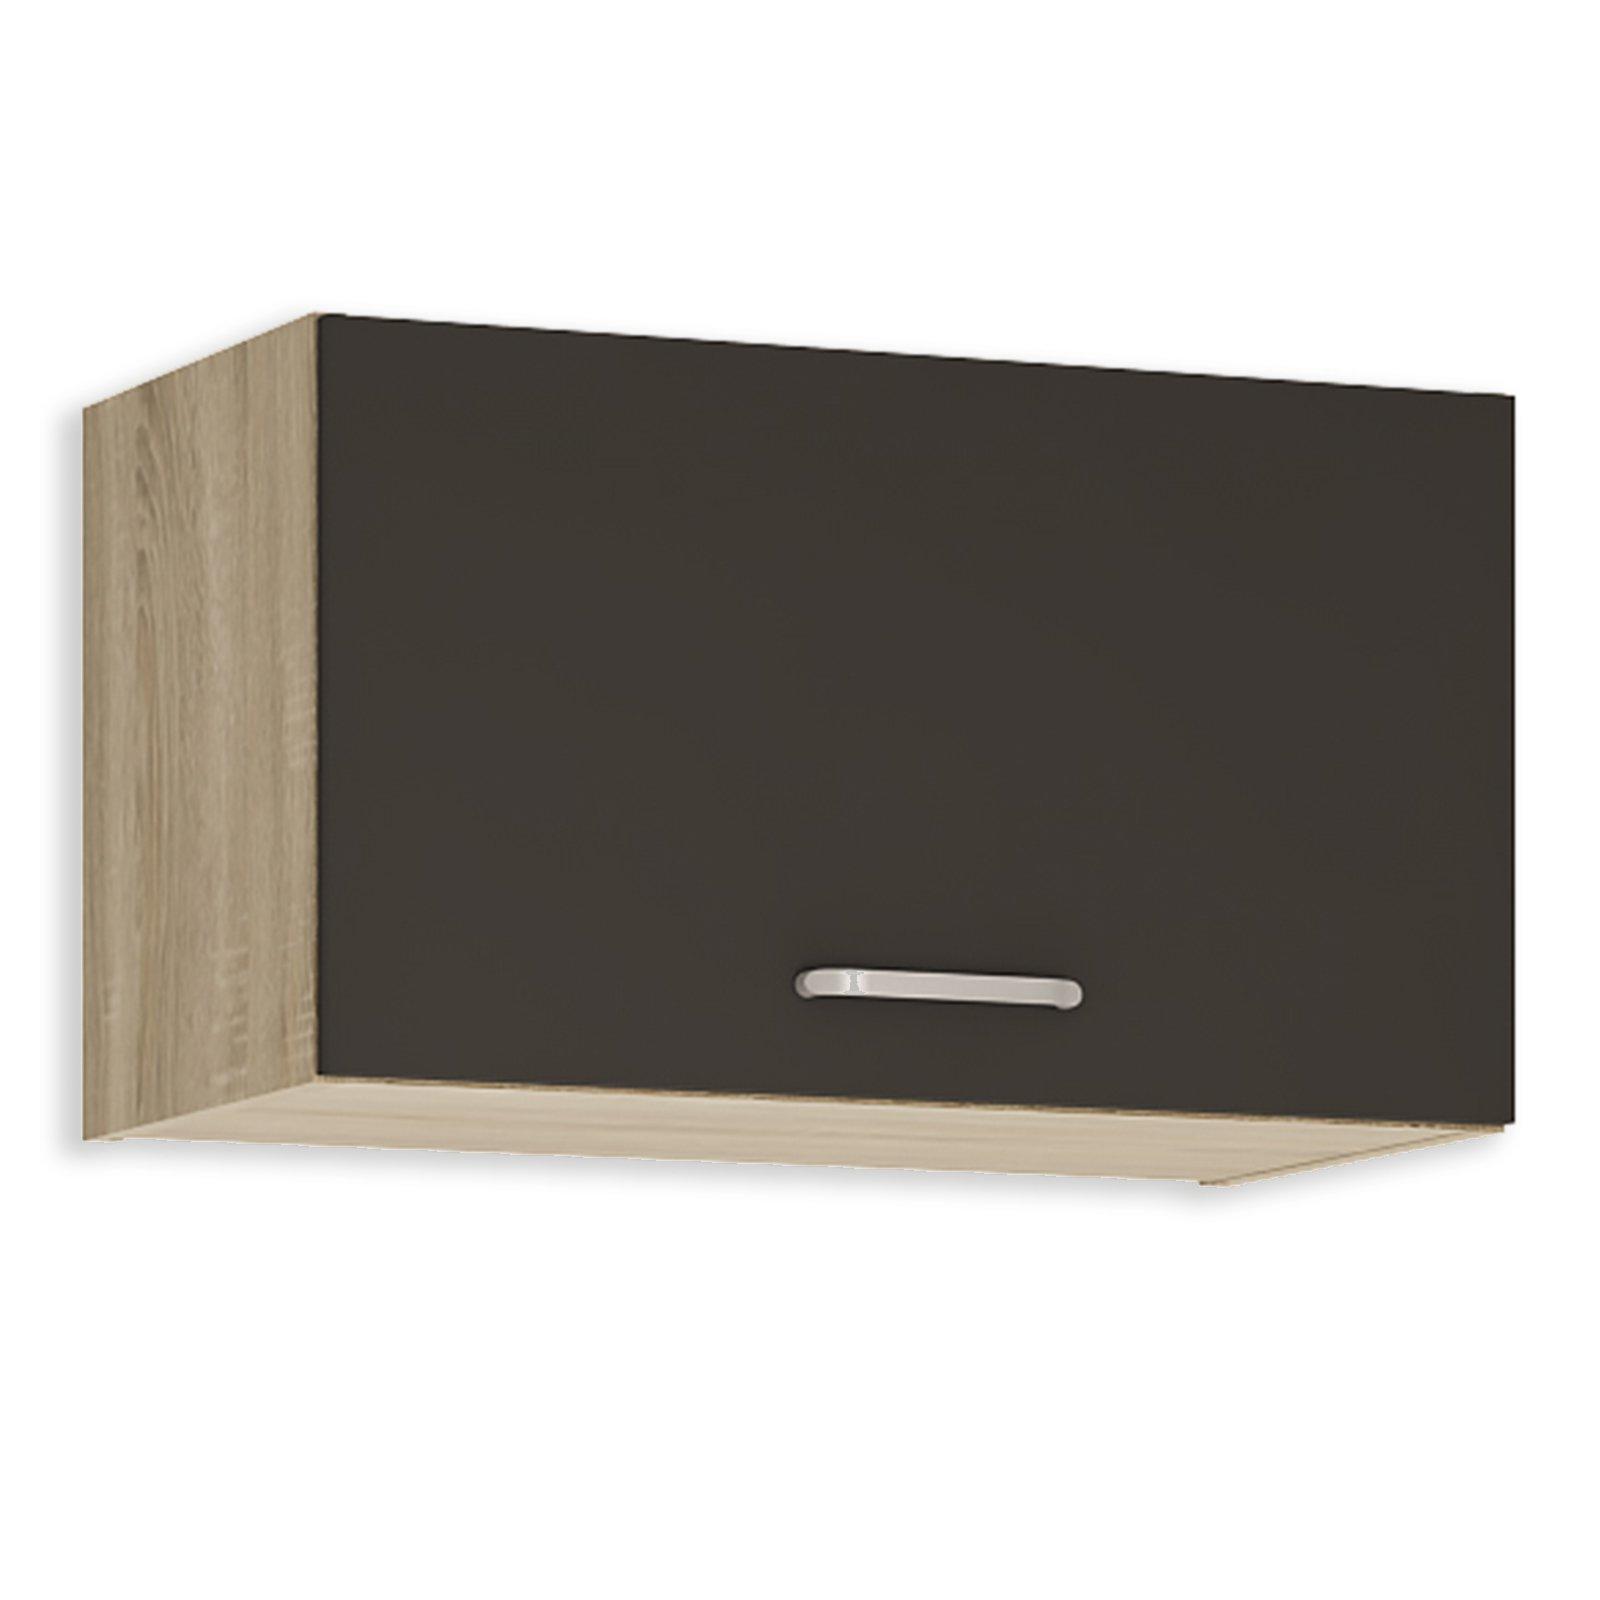 h ngeschrank fox anthrazit sonoma eiche 60 cm breit. Black Bedroom Furniture Sets. Home Design Ideas